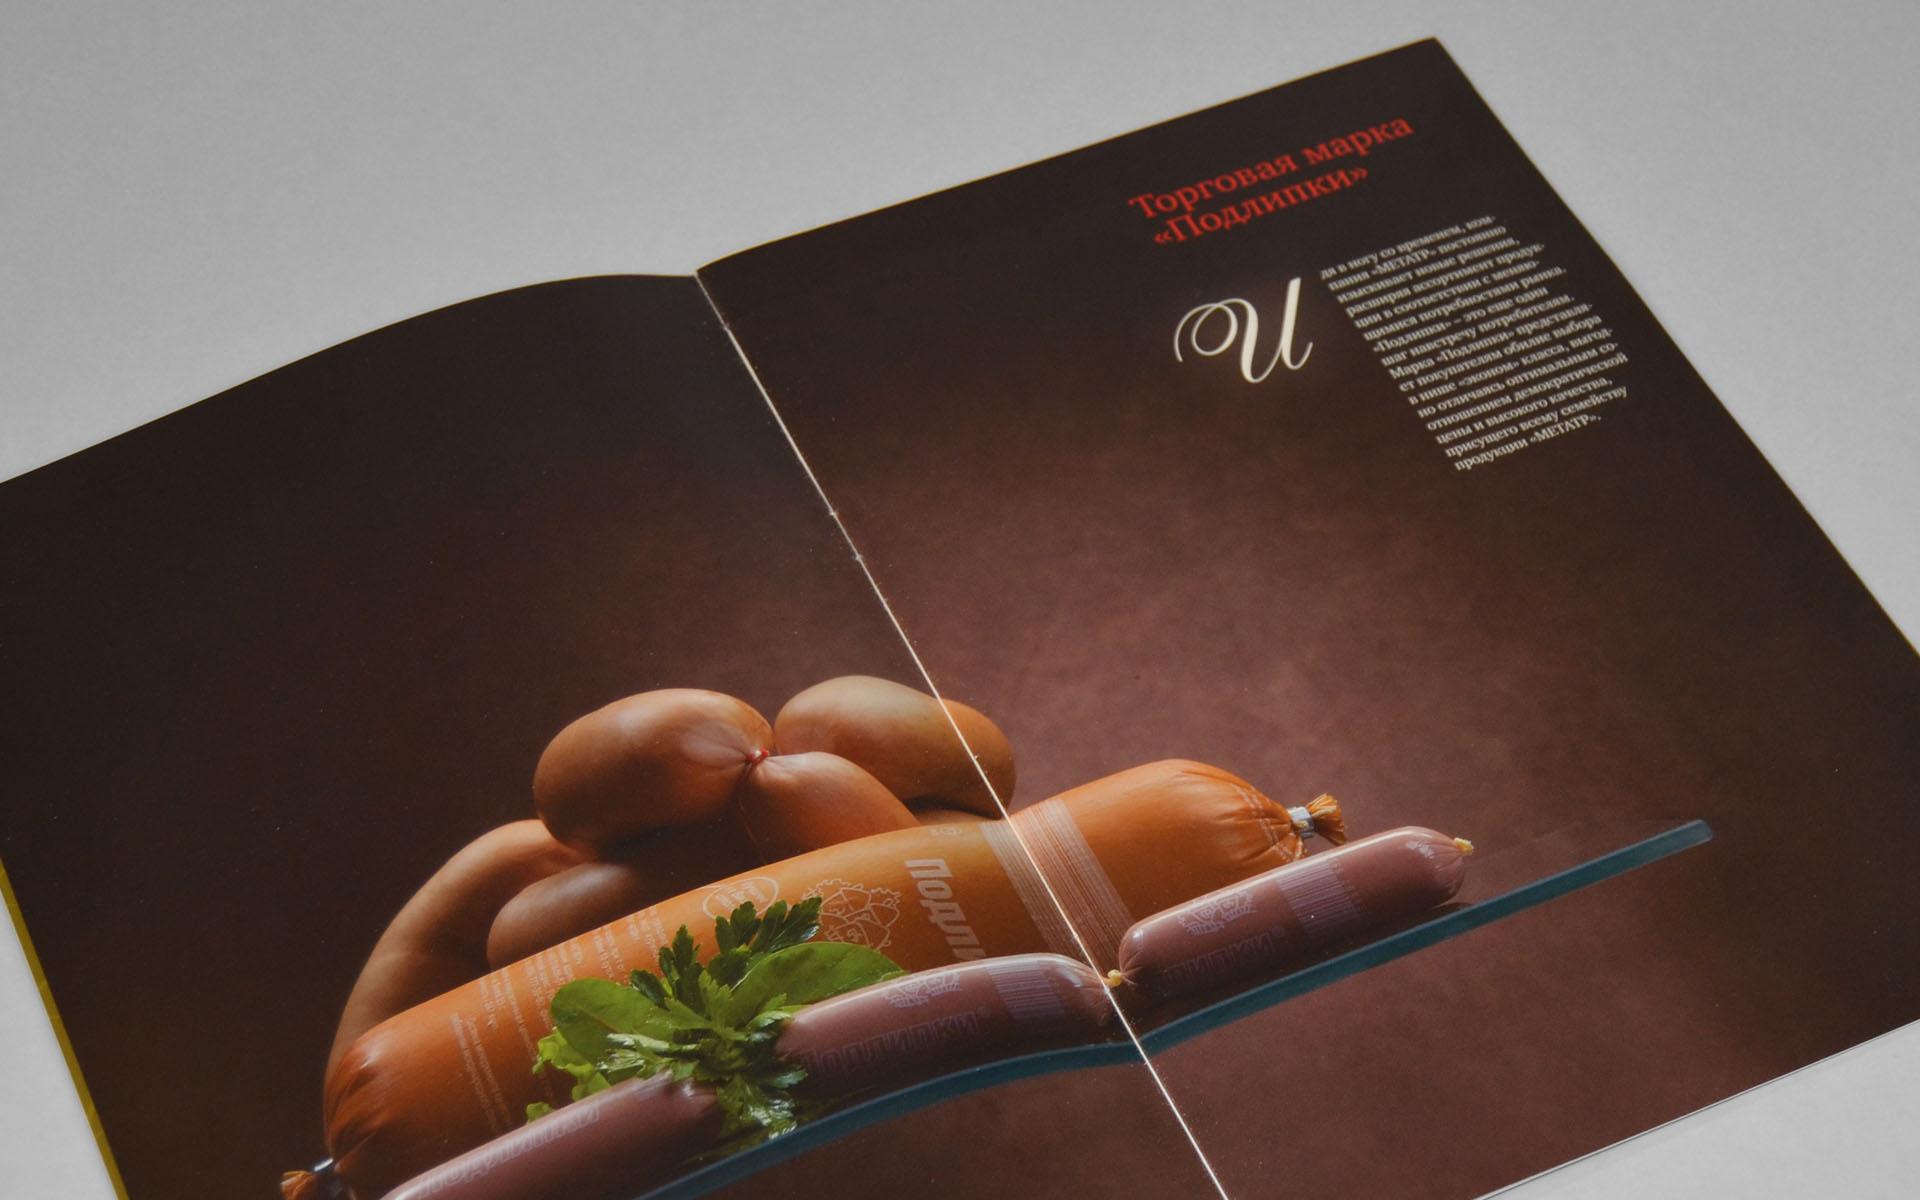 cataloguesMetatr_800x500_4 копия